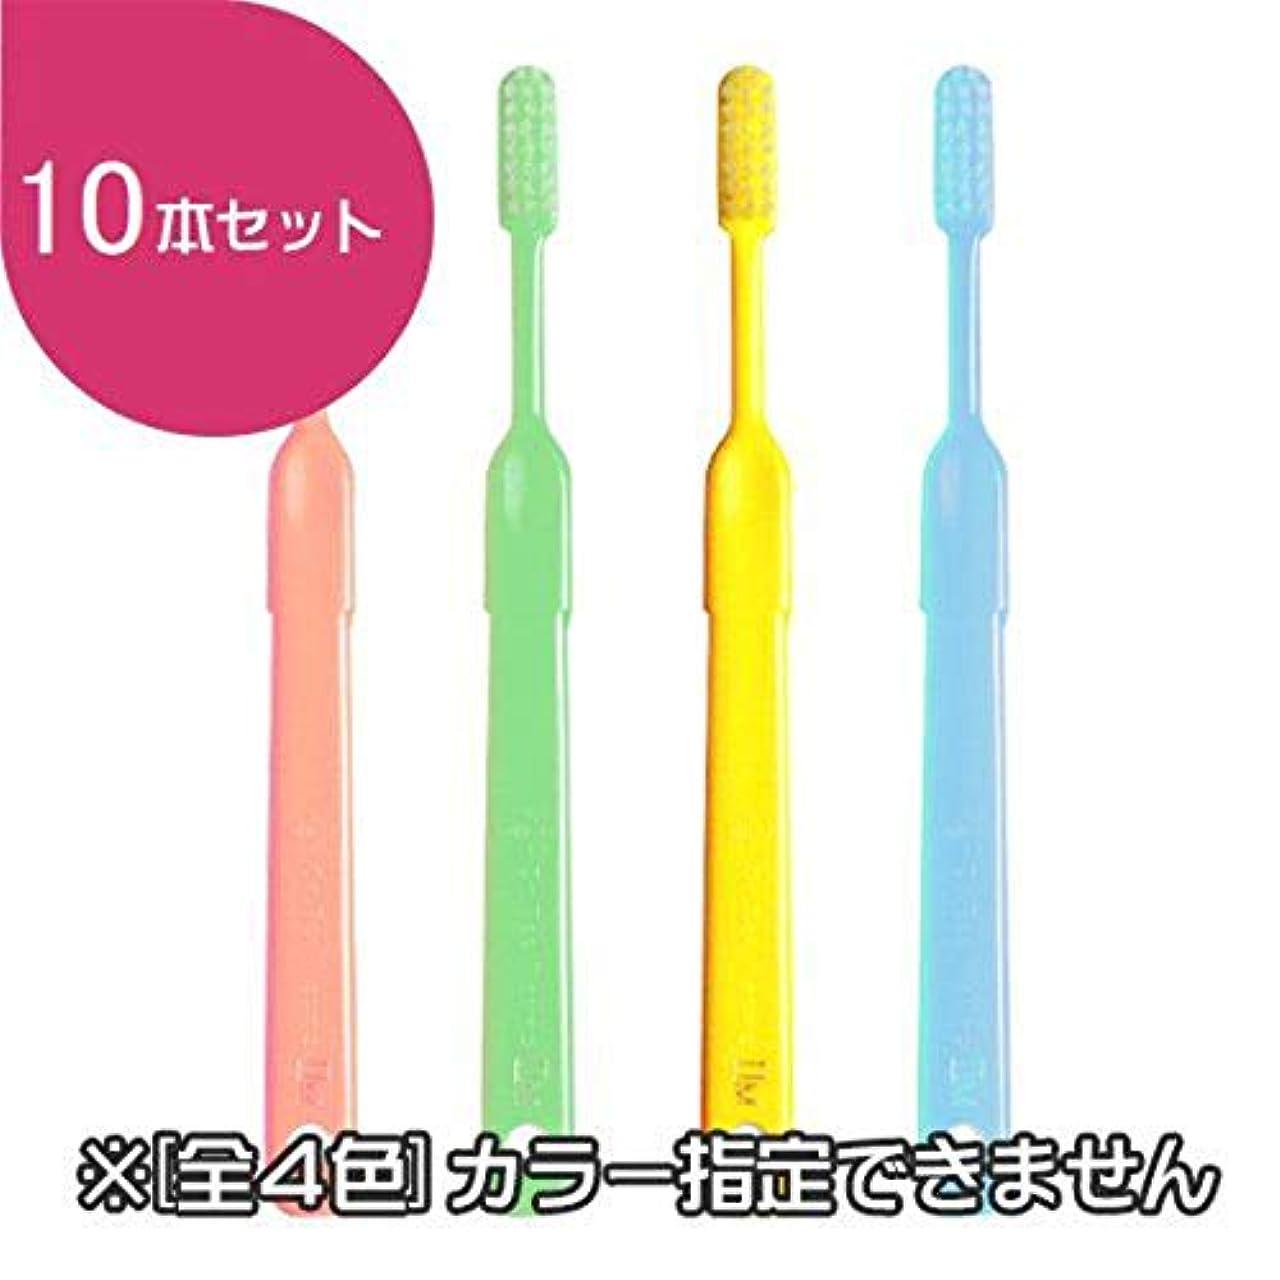 変形するオンス計り知れないビーブランド ドクター ビーヤング2 歯ブラシ 10本(ソフト)